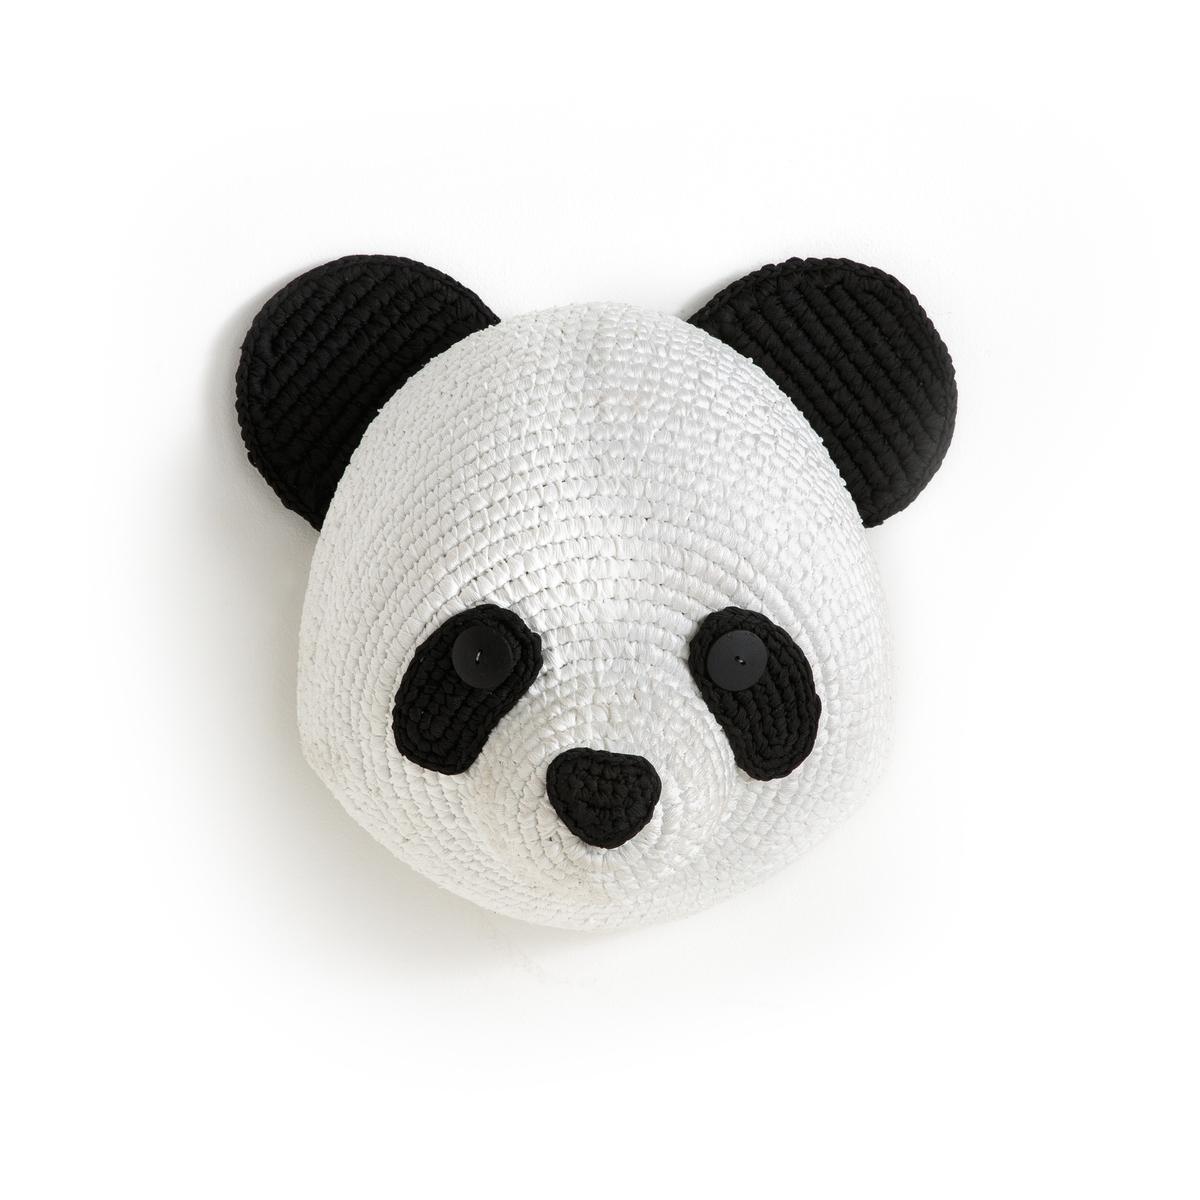 Голова панды настенная Lapilli украшение декоративное homsu голова единорога 38 x 15 5 x 27 см